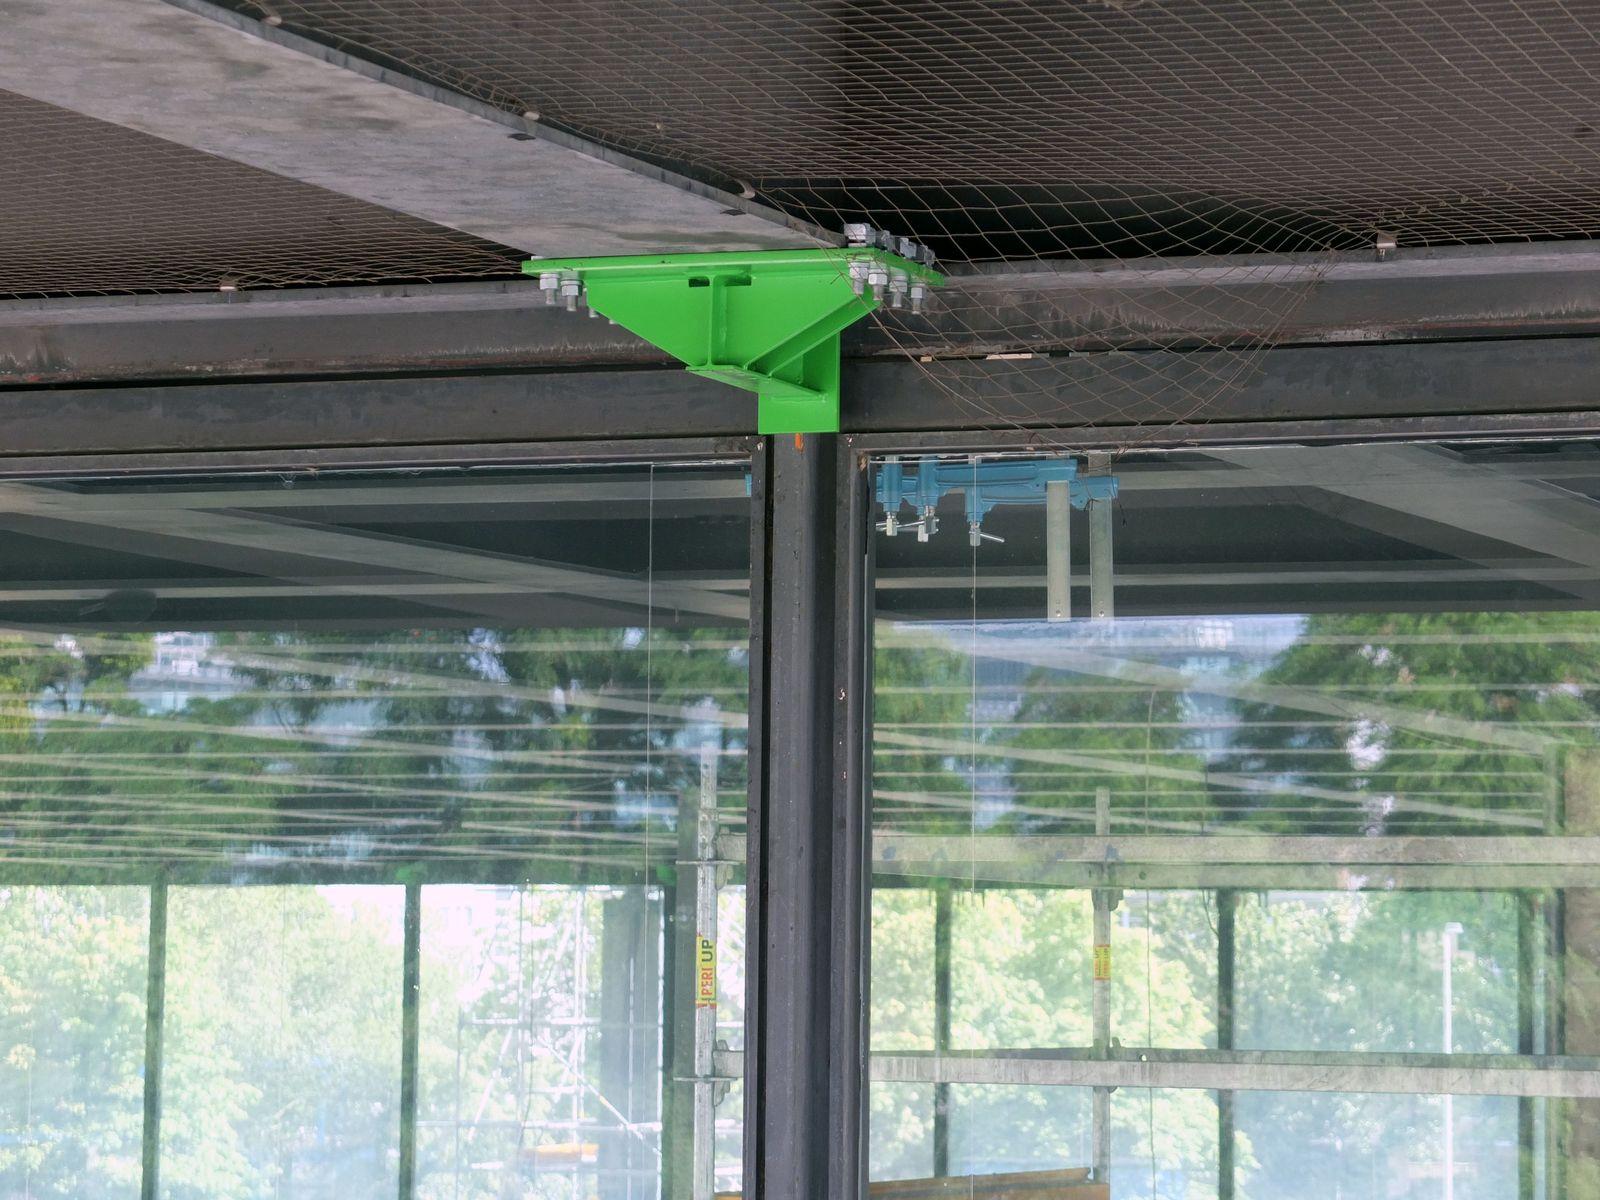 Die grüne Stahlspange hält während der Sanierung das Dach und die Fassade zusammen. Foto: schmedding.vonmarlin